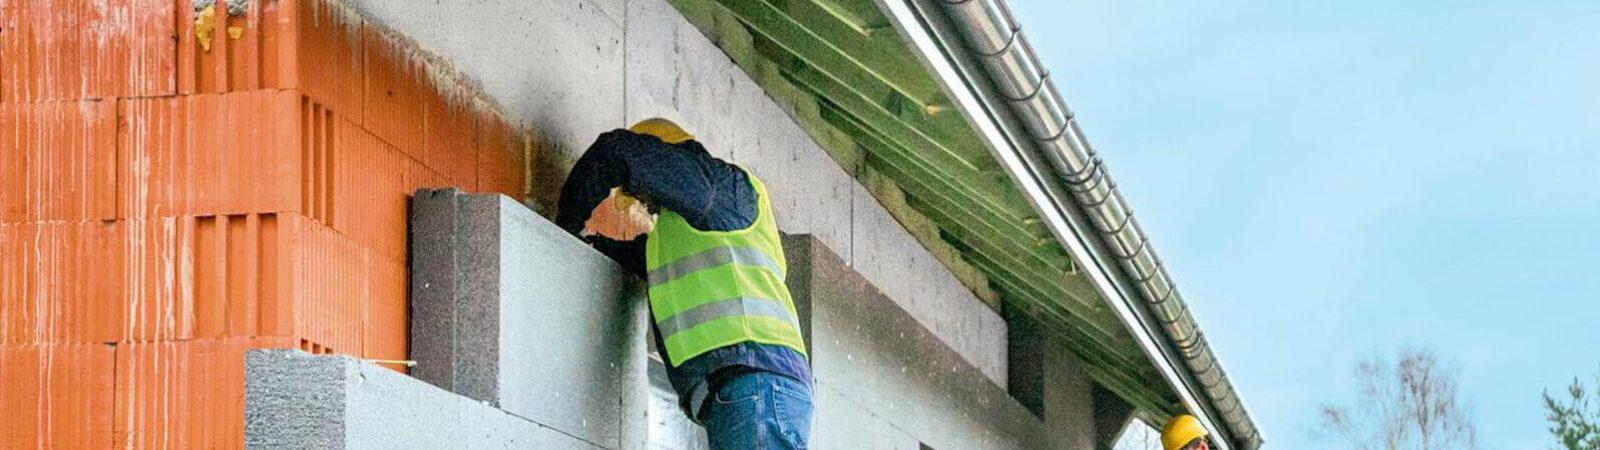 Как правильно утеплить фасад дома, какой лучше выбрать материал